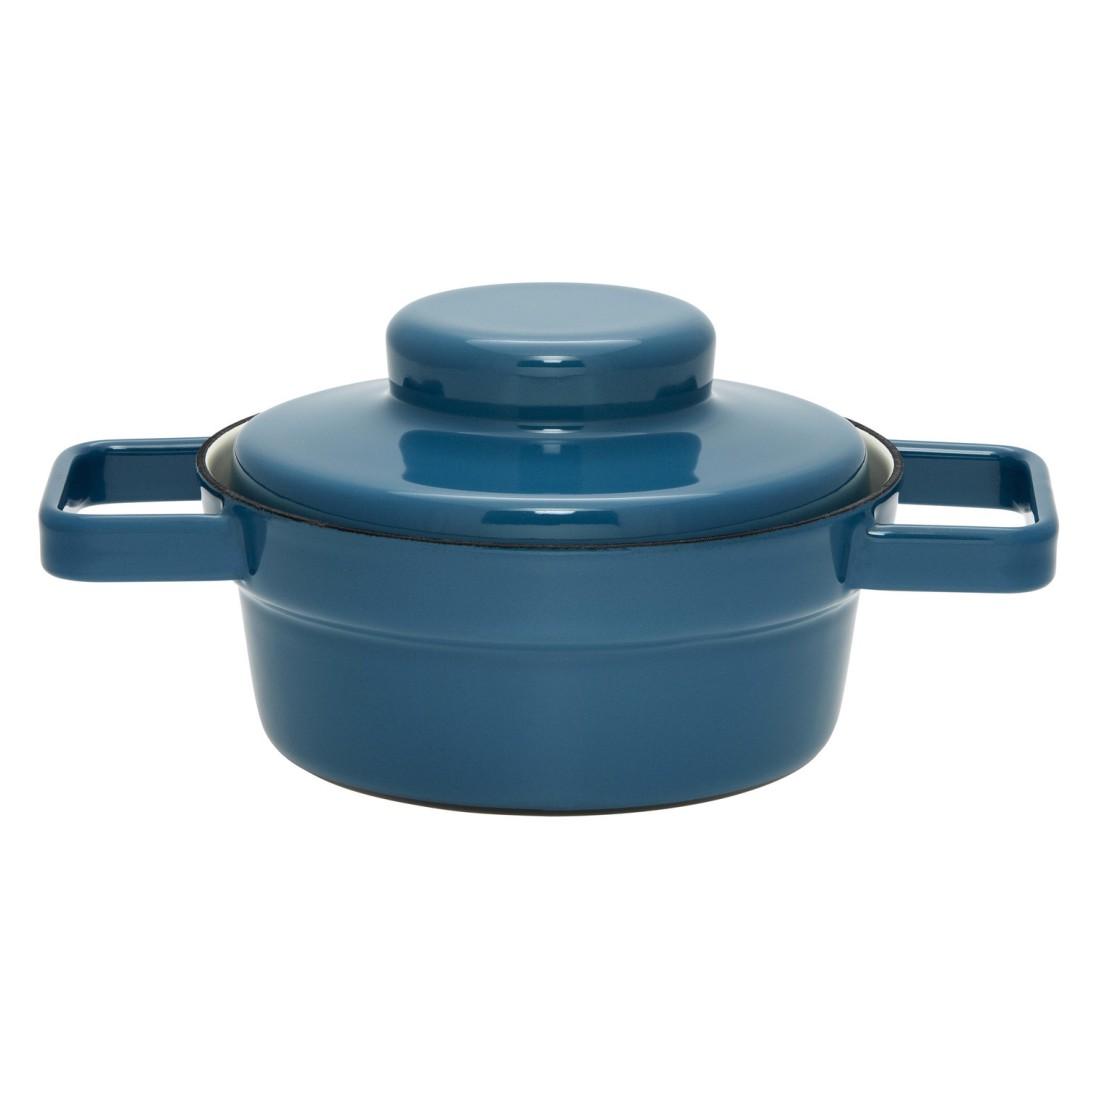 Kasserolle mit Deckel Aromapots – Emaille – Blau – 16cm – 0,5 L, Riess online bestellen